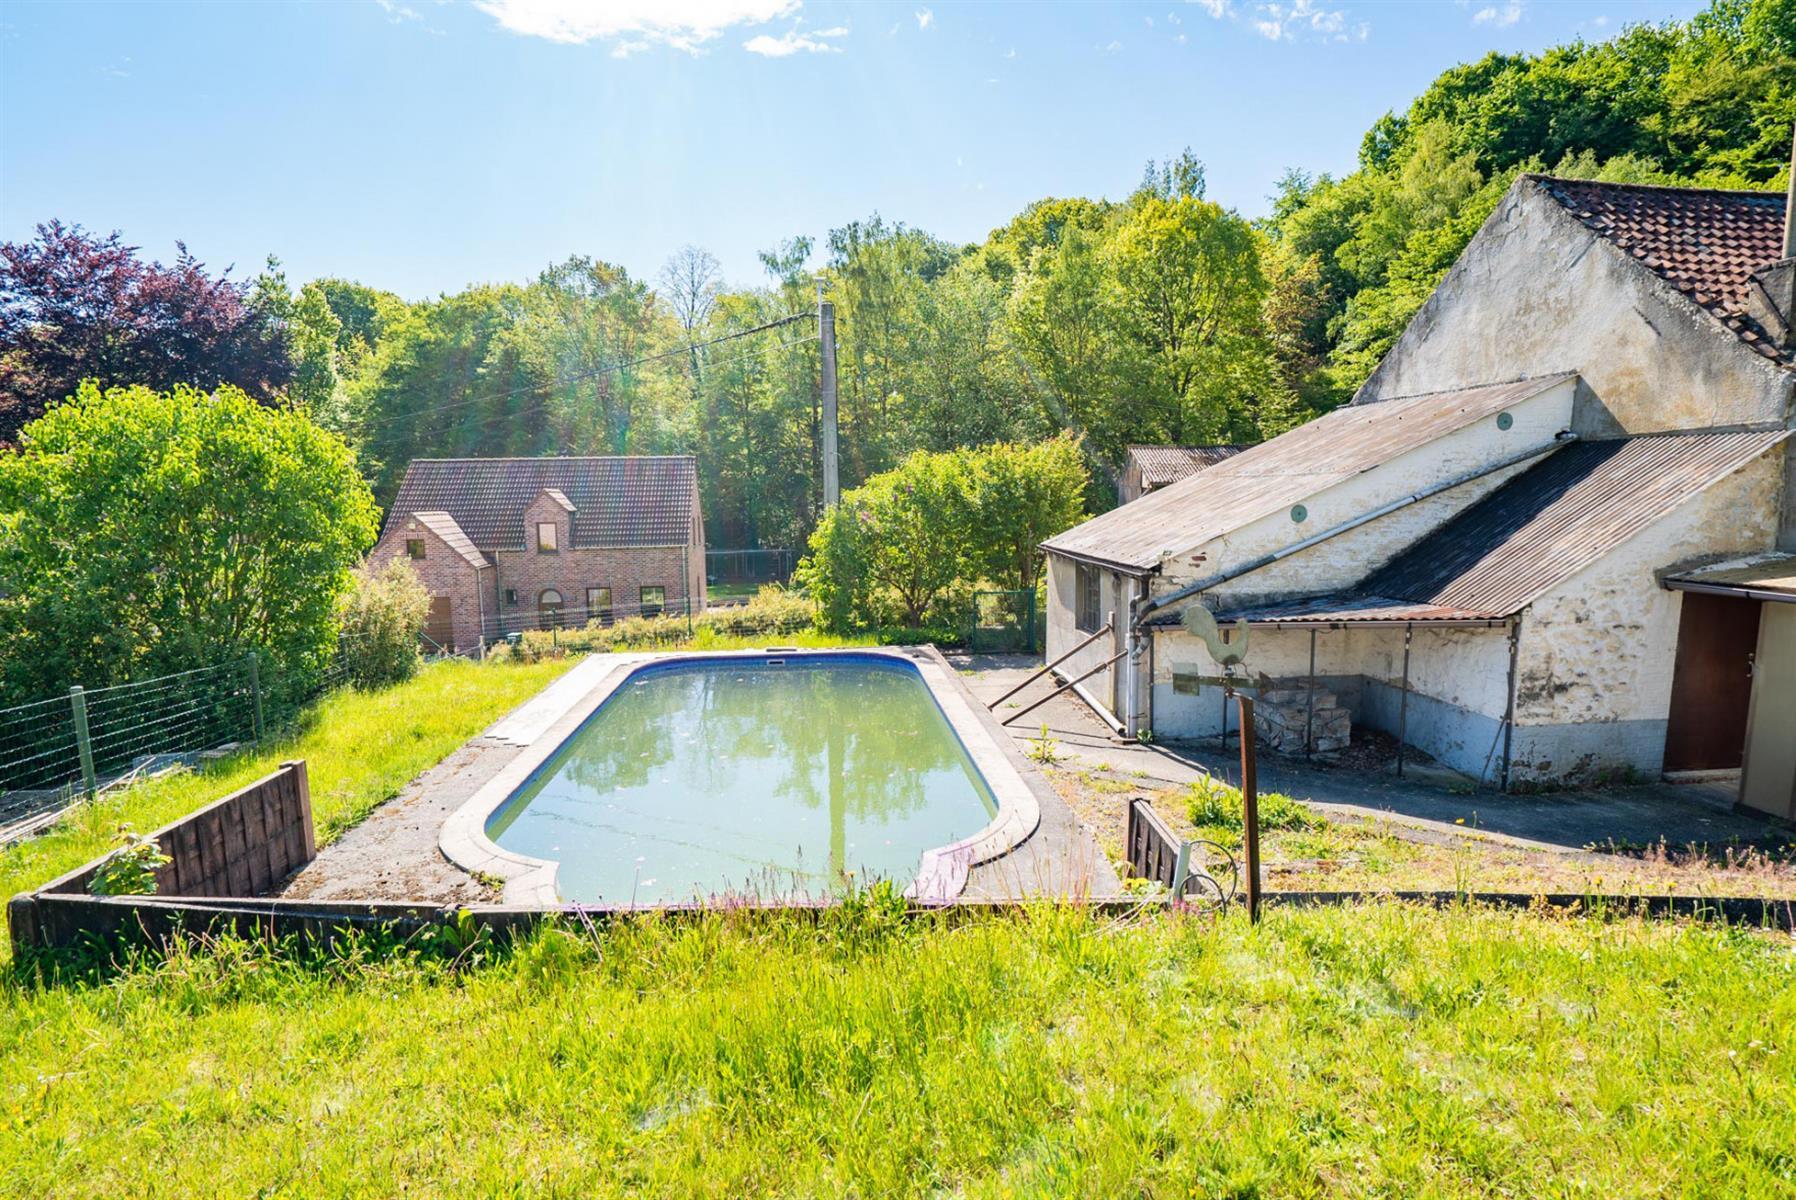 Maison - Chaumont-Gistoux - #3849419-17